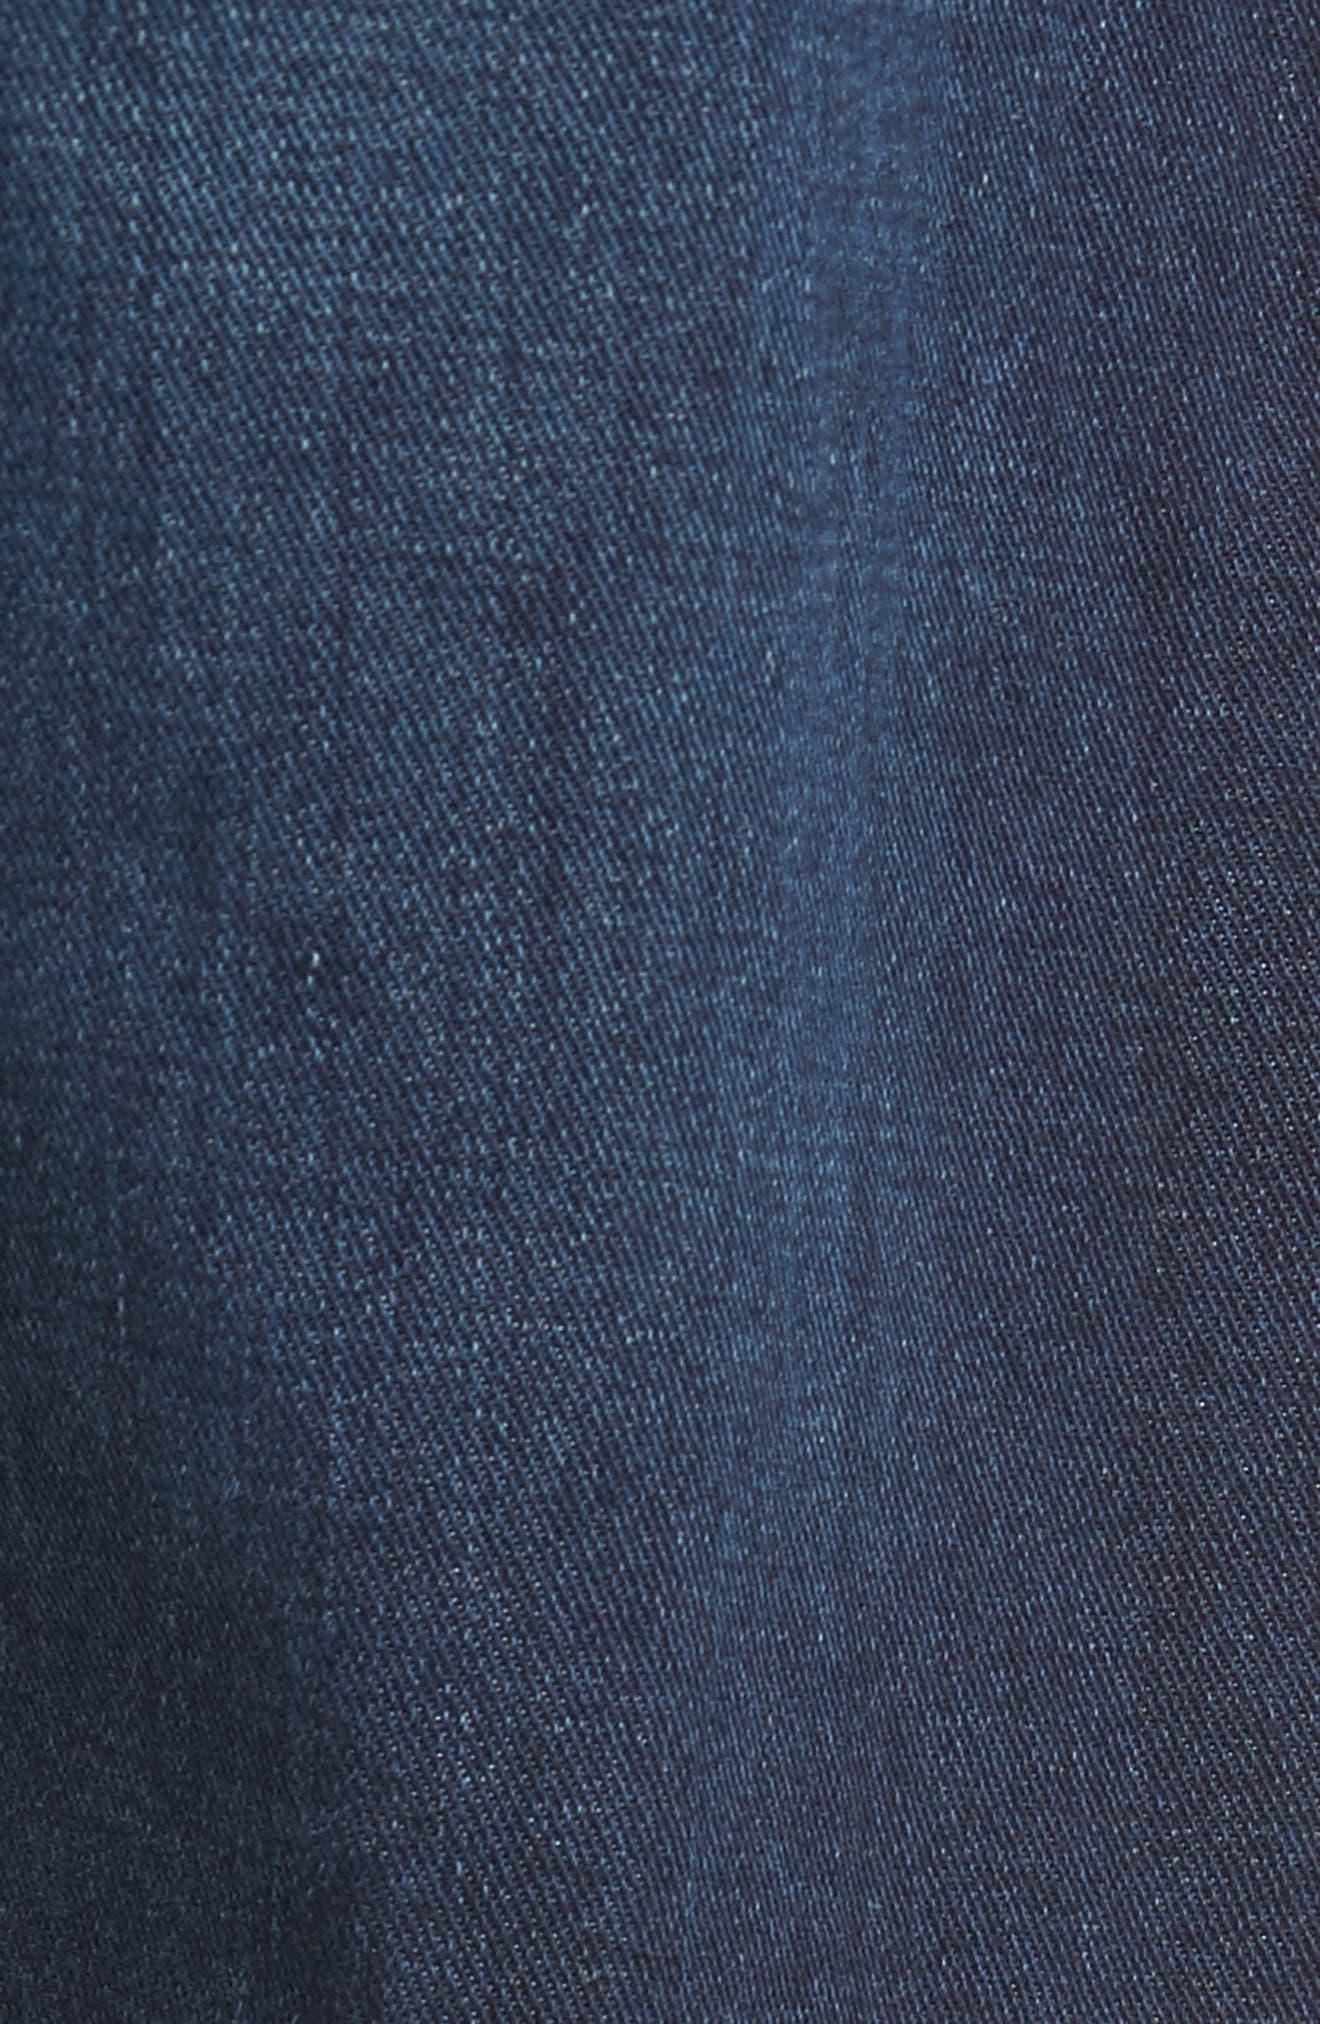 Everett Slim Straight Fit Jeans,                             Alternate thumbnail 5, color,                             WITNESS